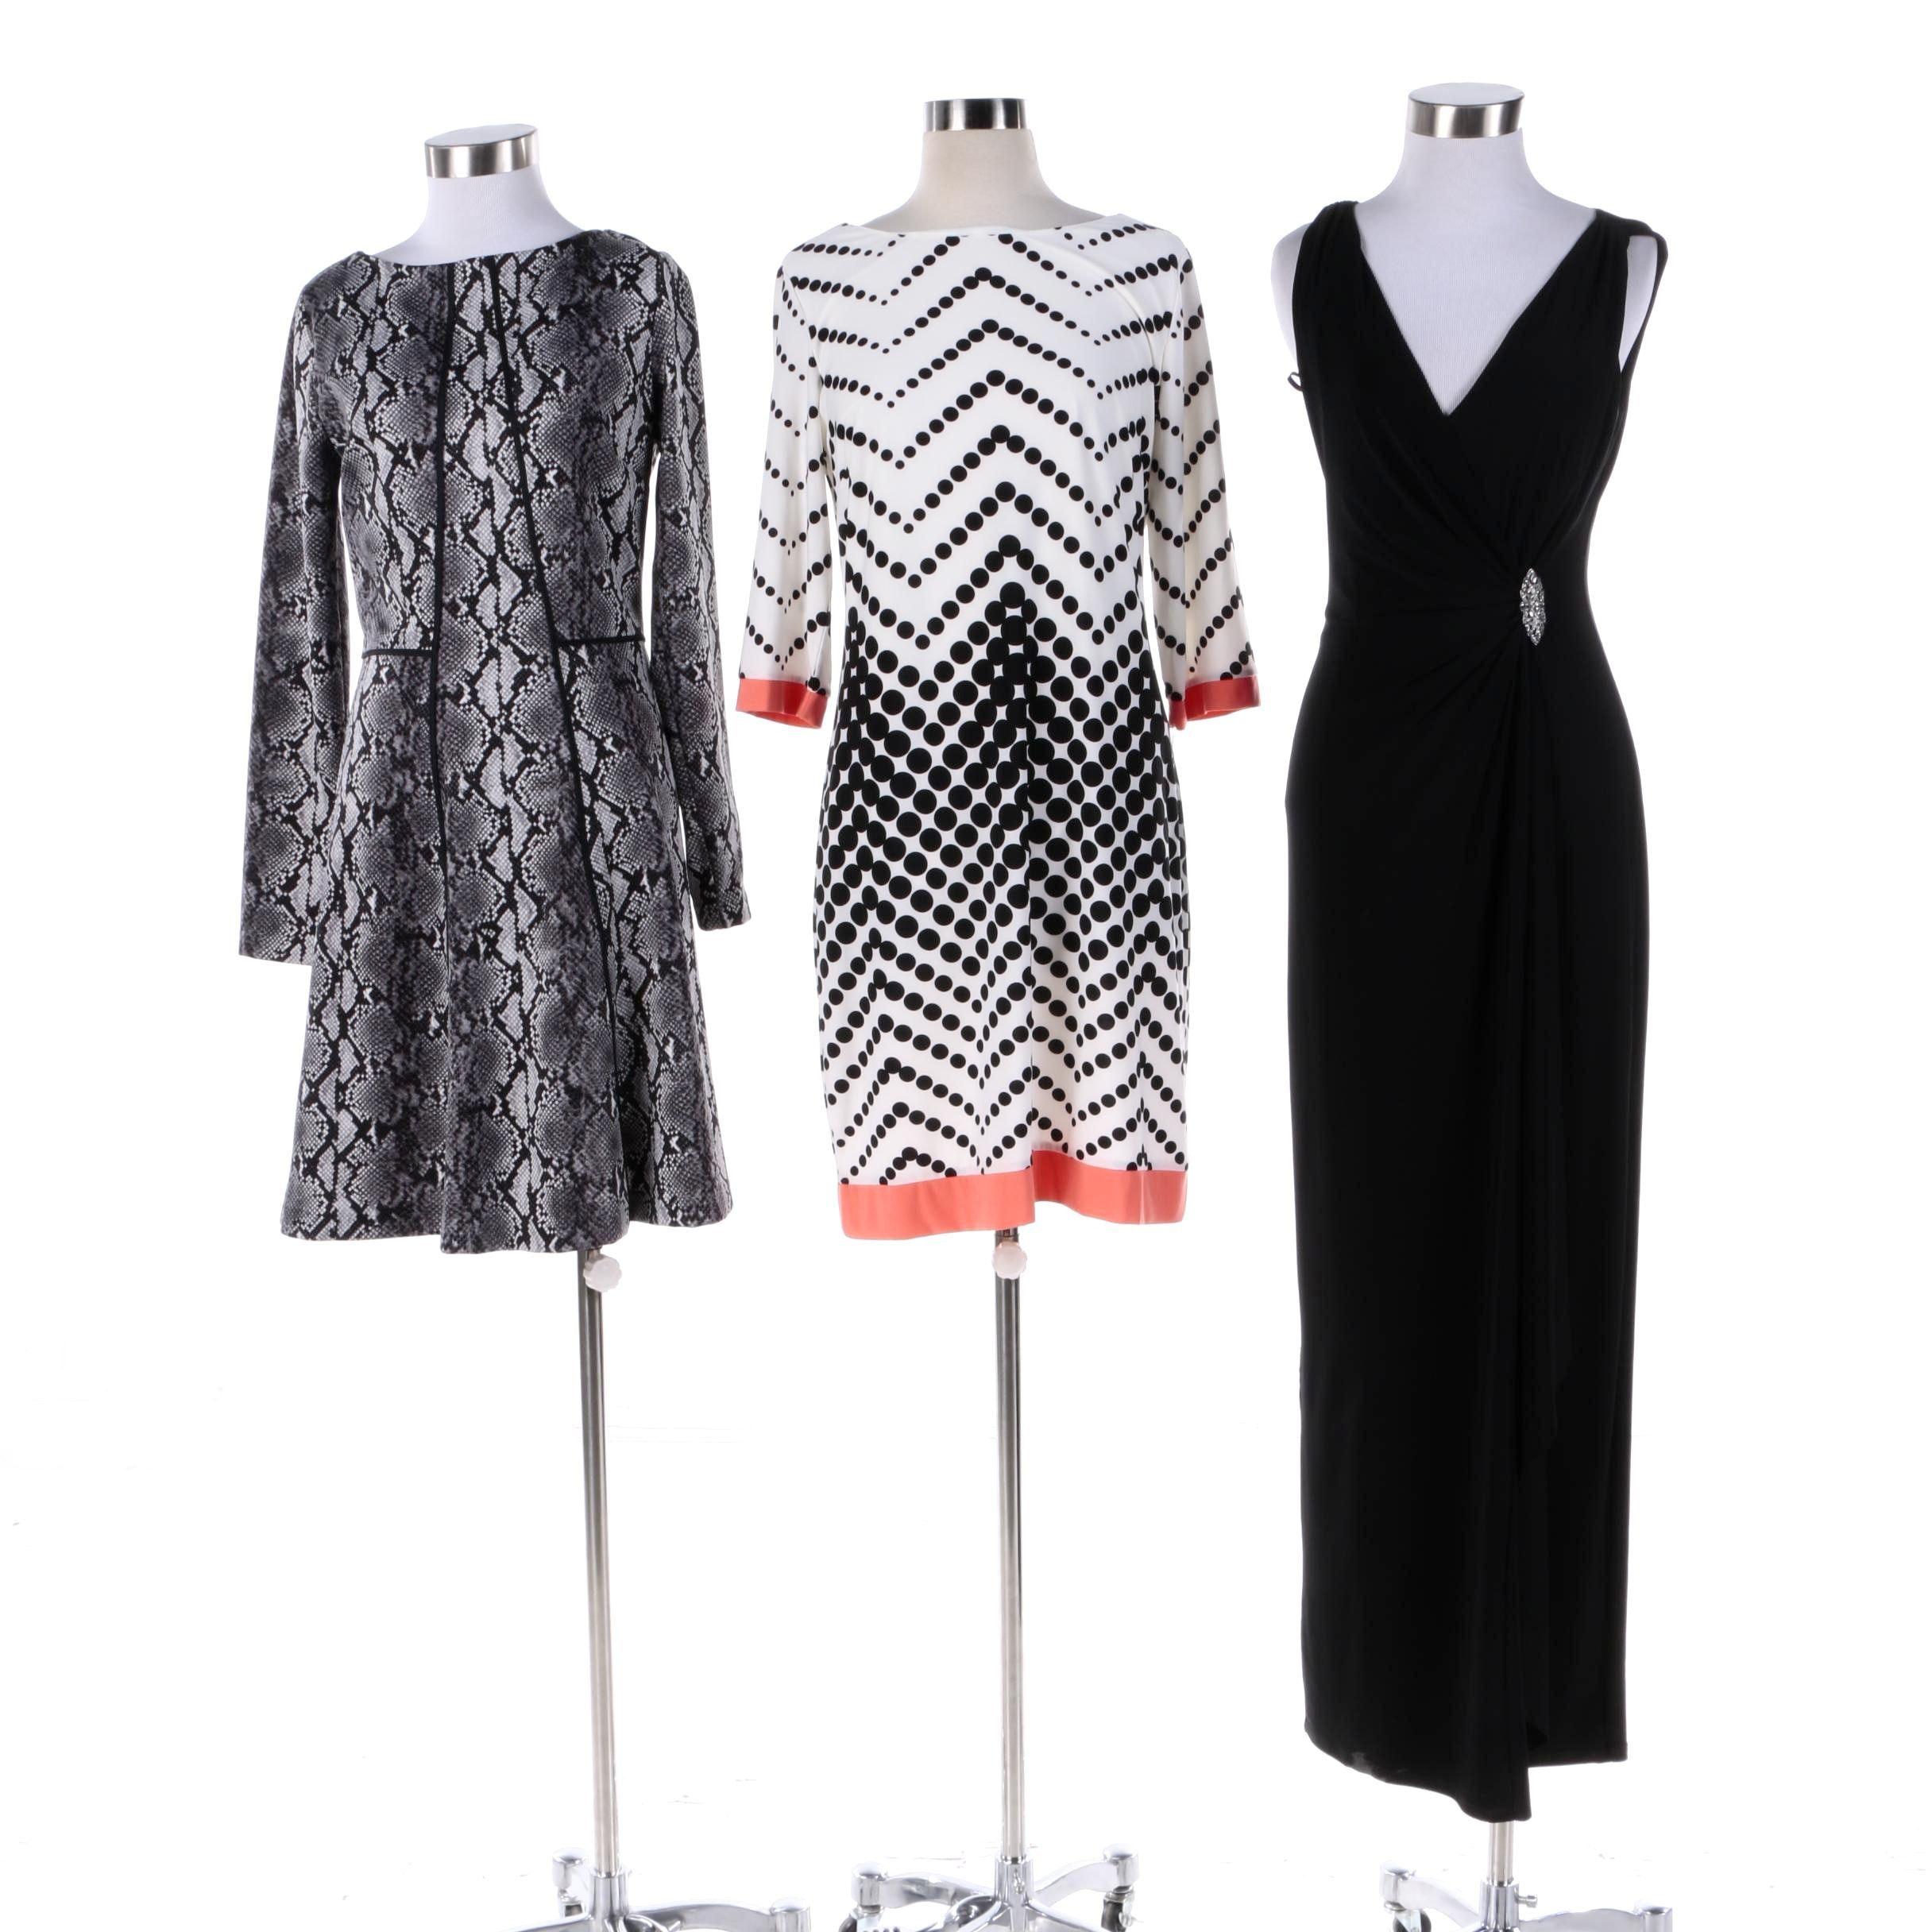 MICHAEL Michael Kors, Lauren Ralph Lauren, and Studio One Dresses